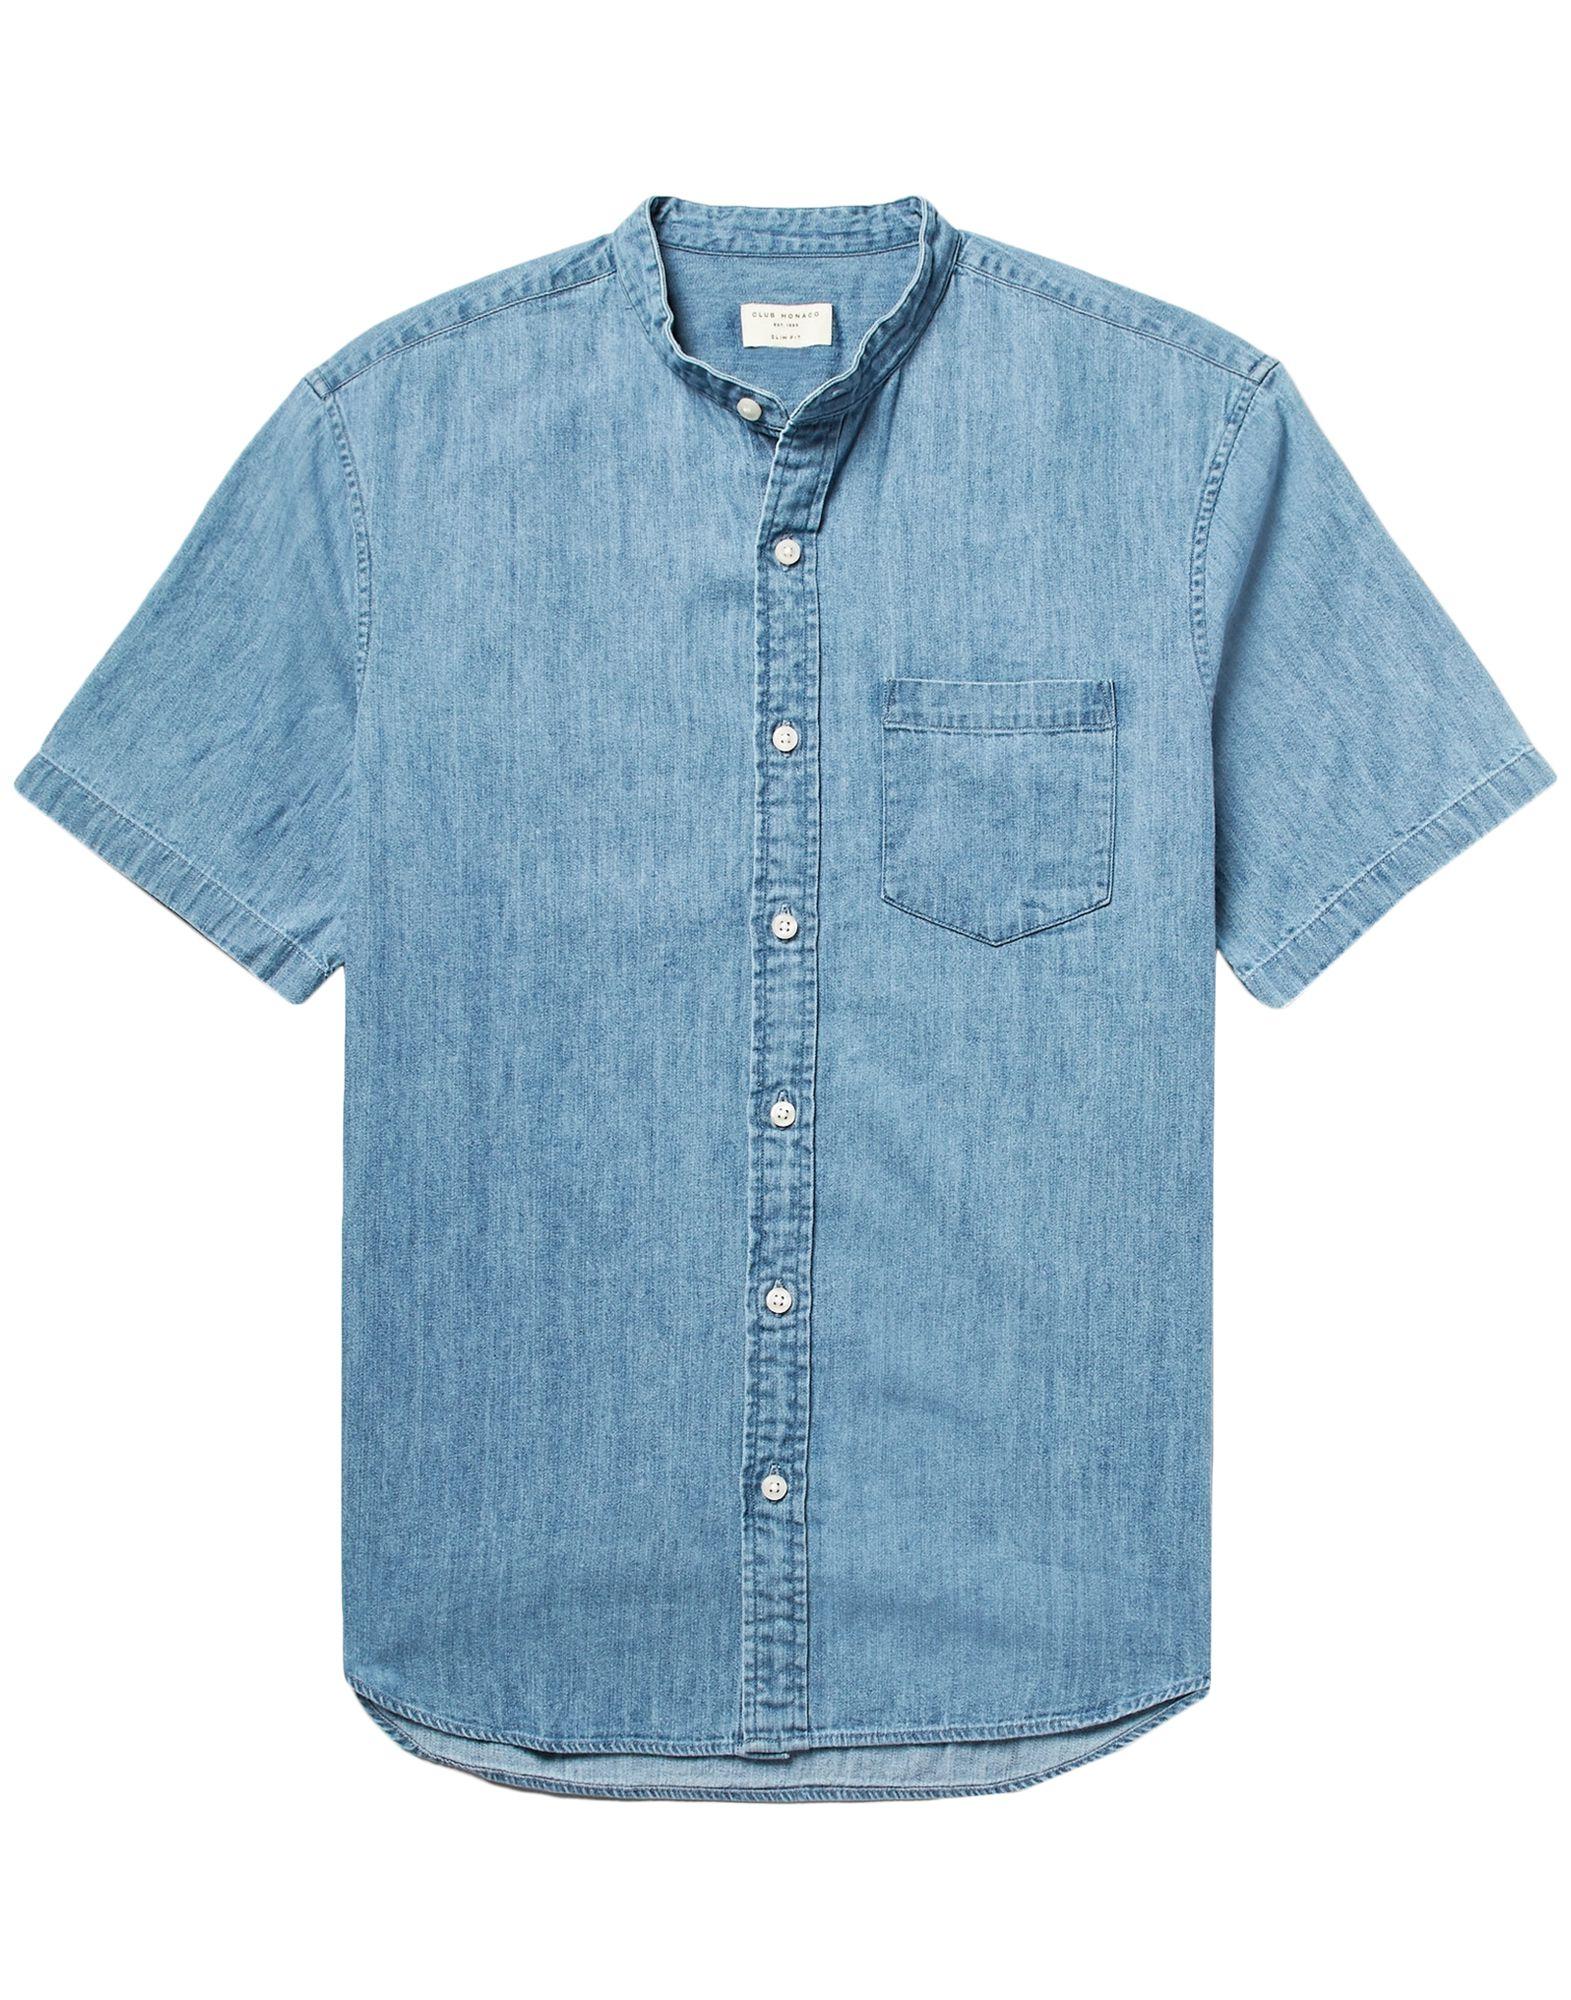 CLUB MONACO Джинсовая рубашка сапоги monaco low